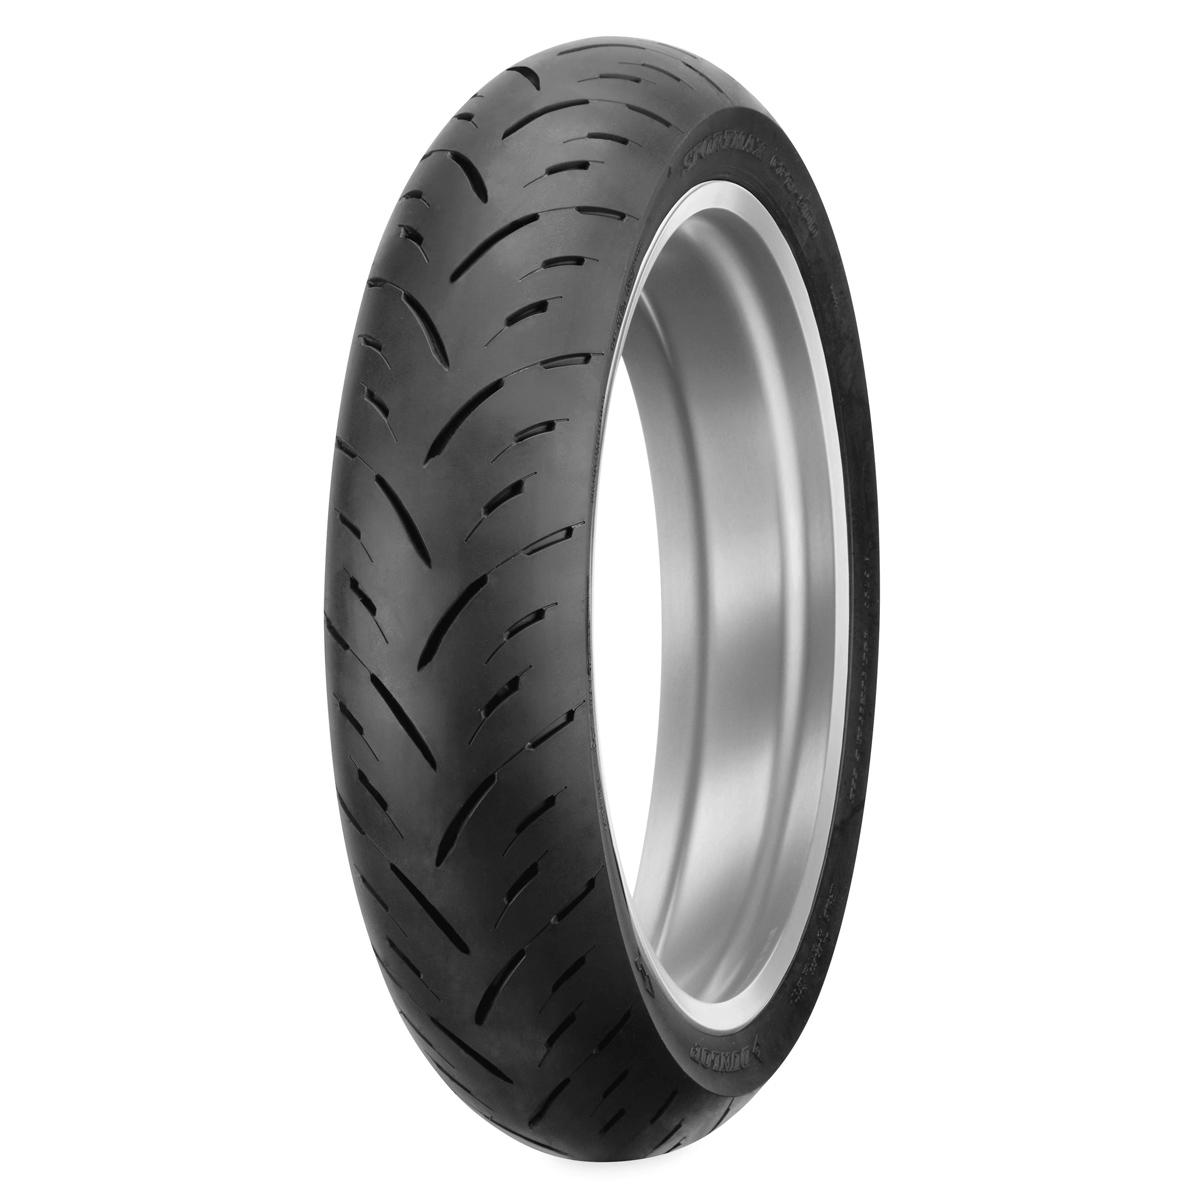 Dunlop GPR-300 Sportmax 180/55ZR17 Rear Tire